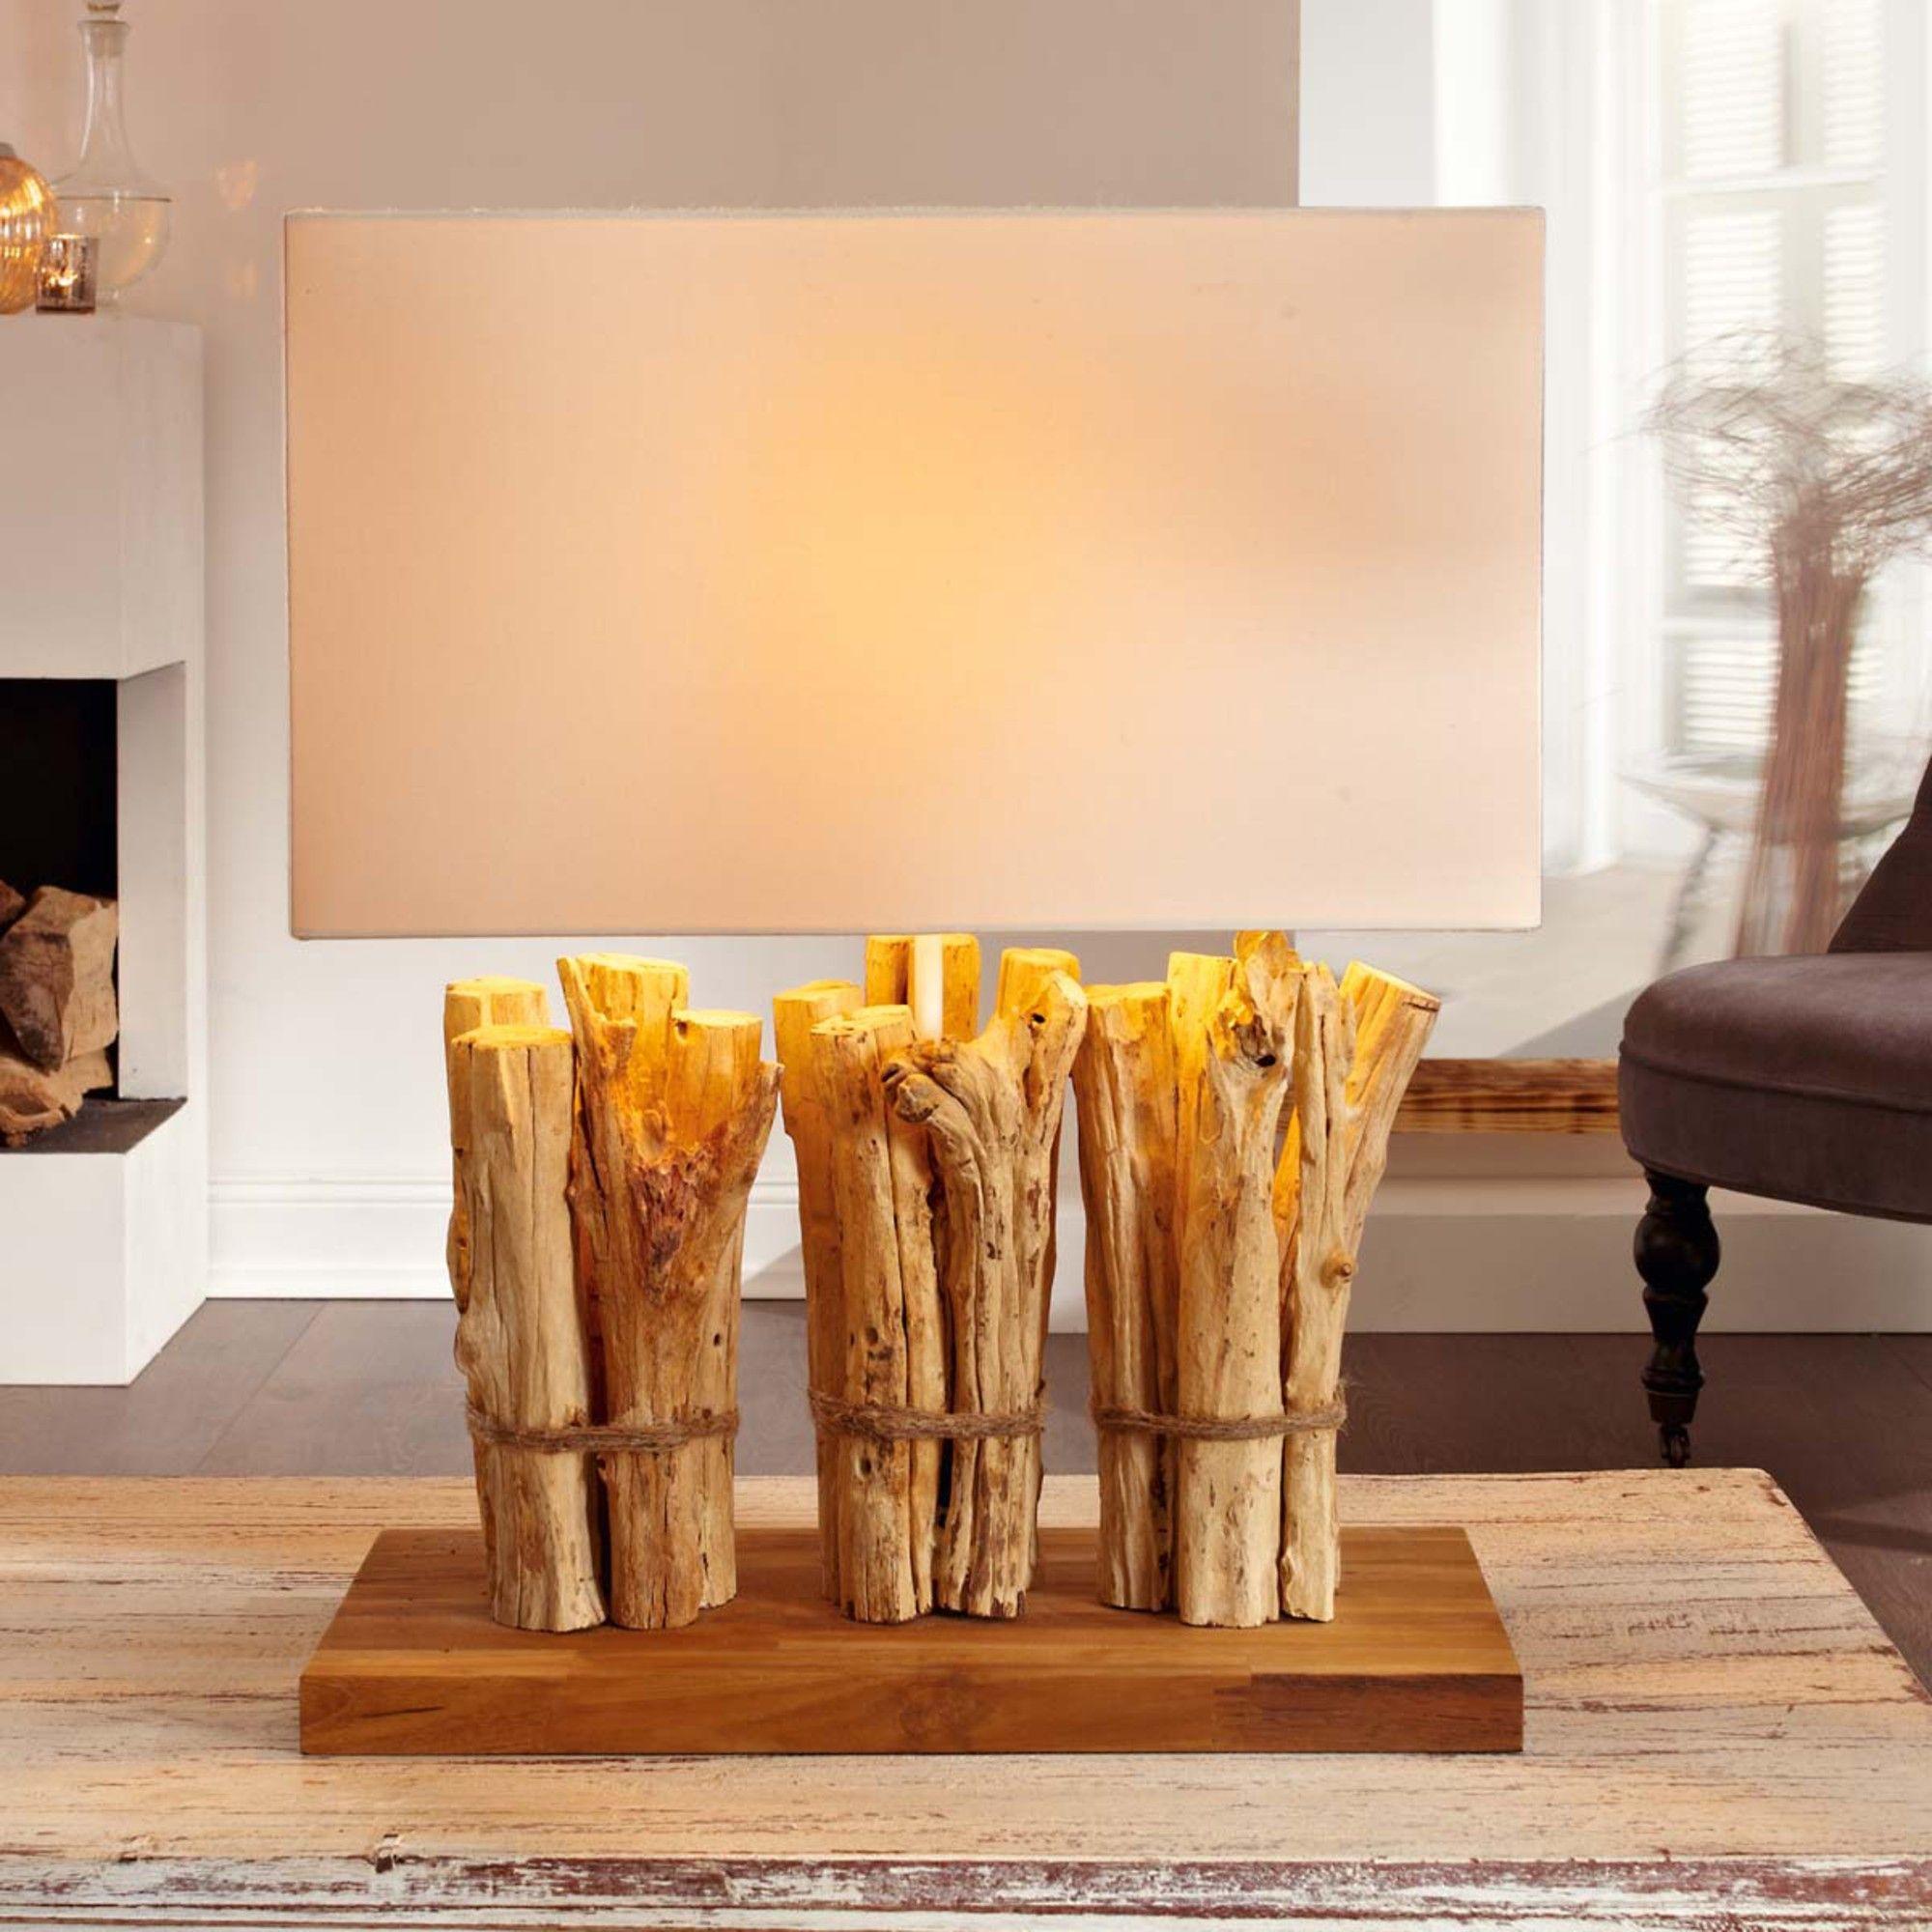 Design Tischleuchte, Tischlampe Holz, Tischleuchte Holz